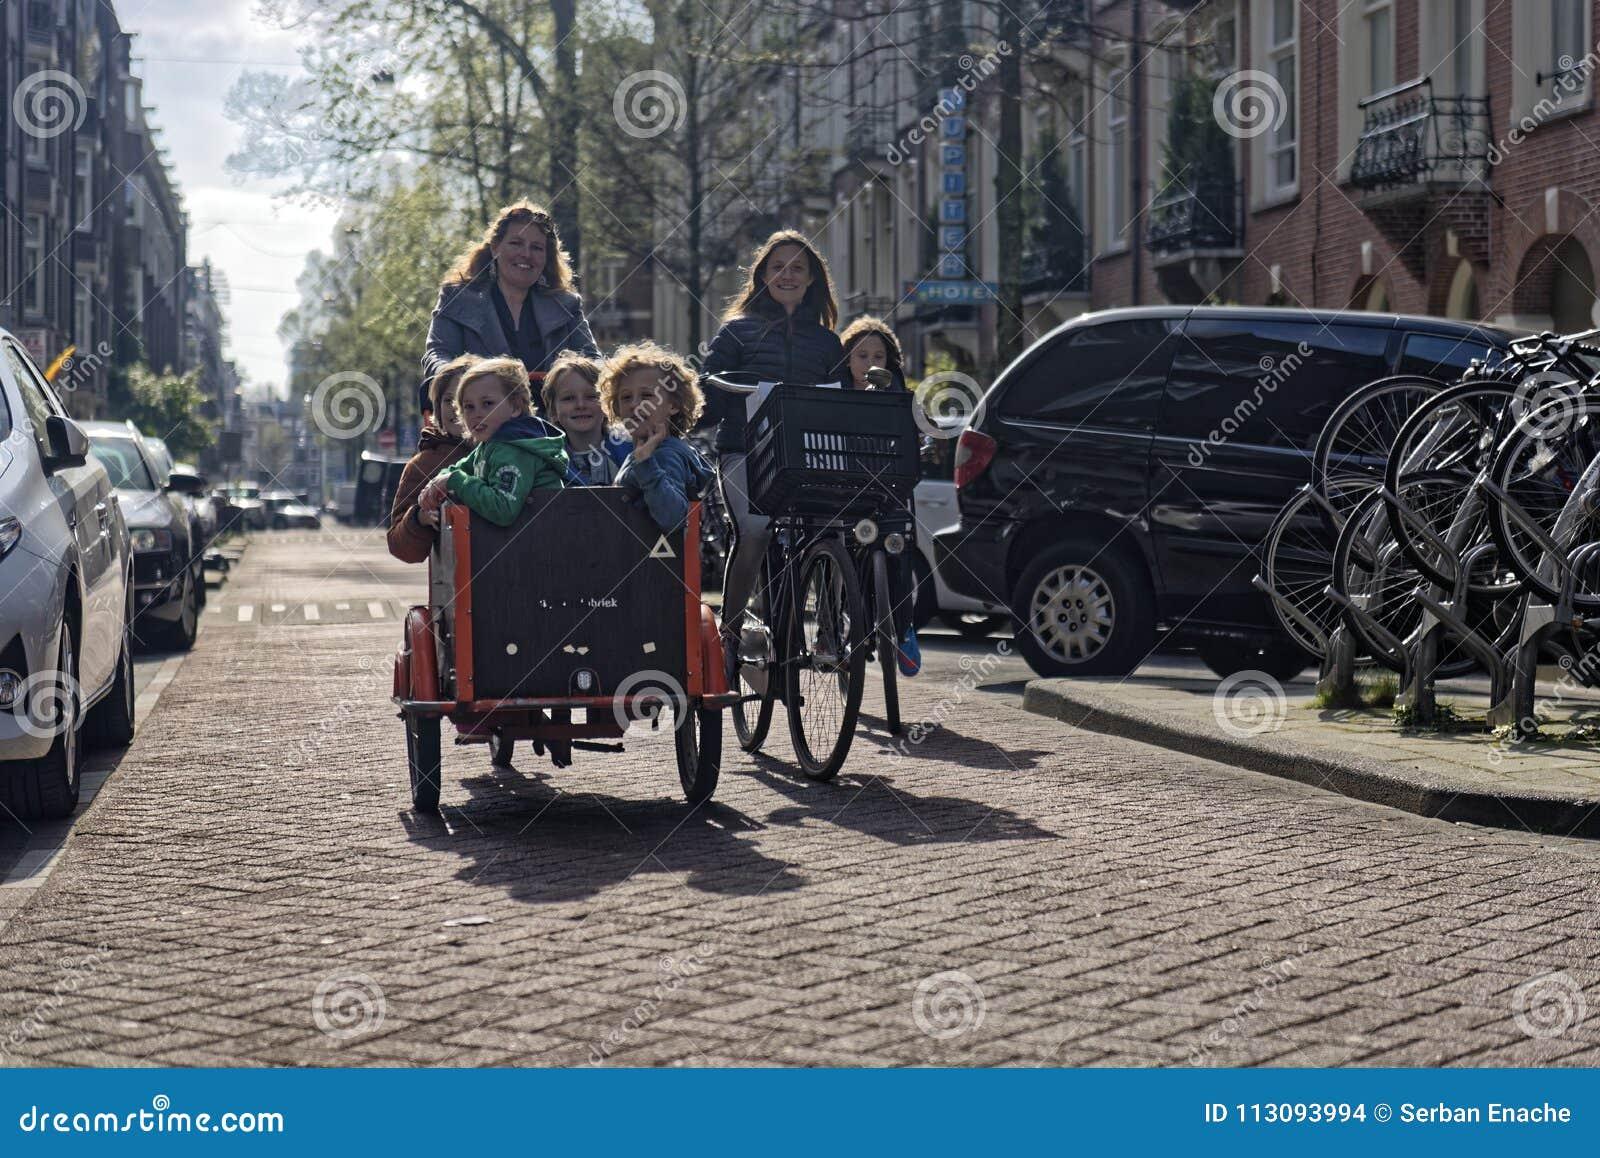 Famiglie sulle bici, Amsterdam, Olanda